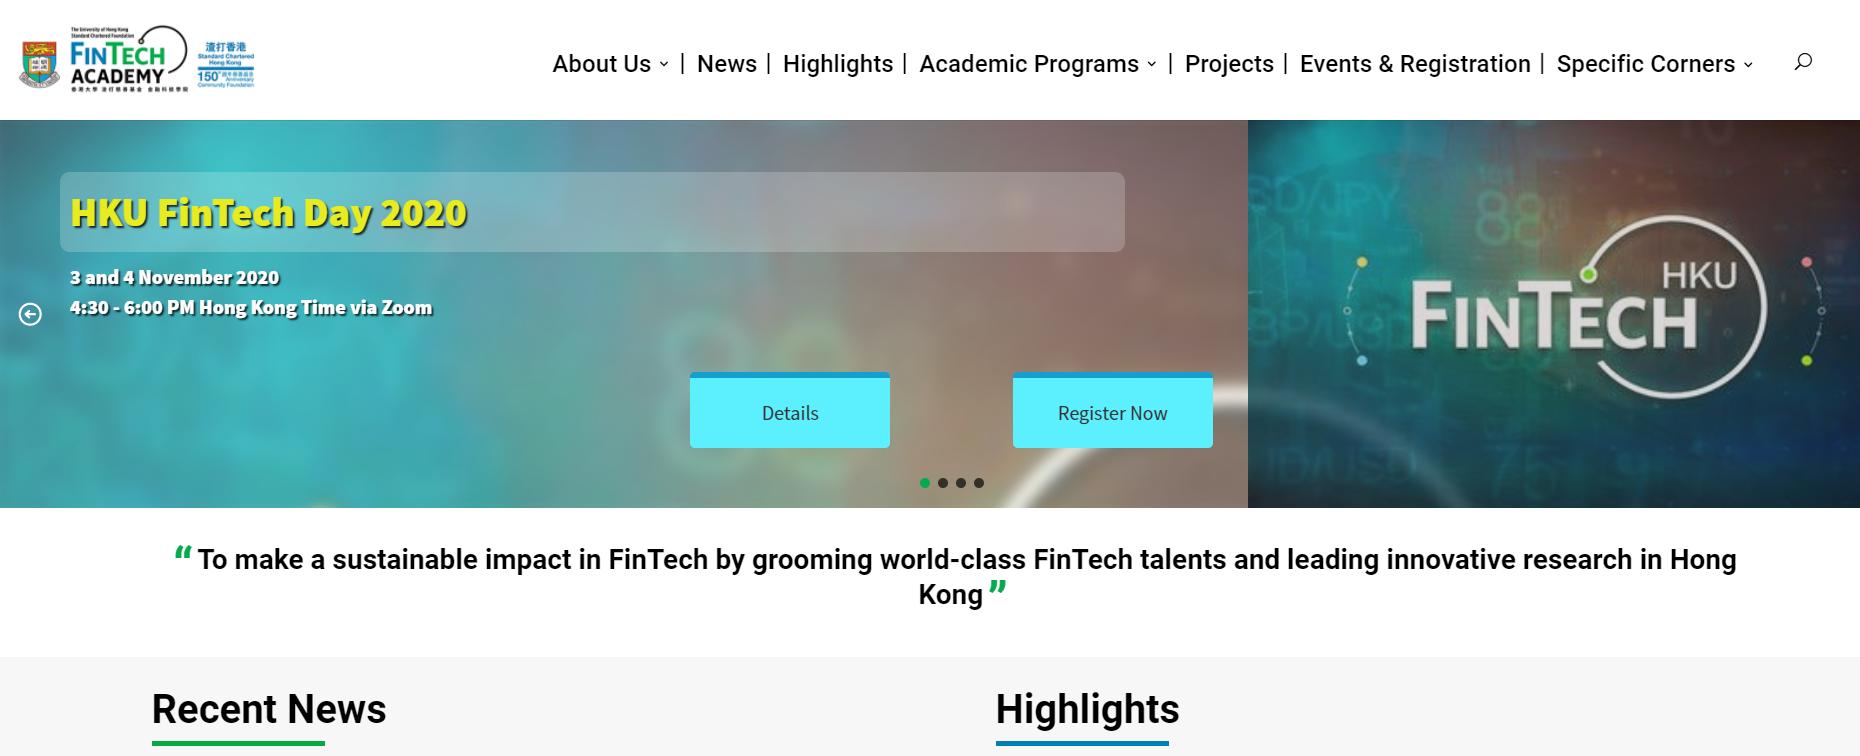 FinTech Academy Official Website